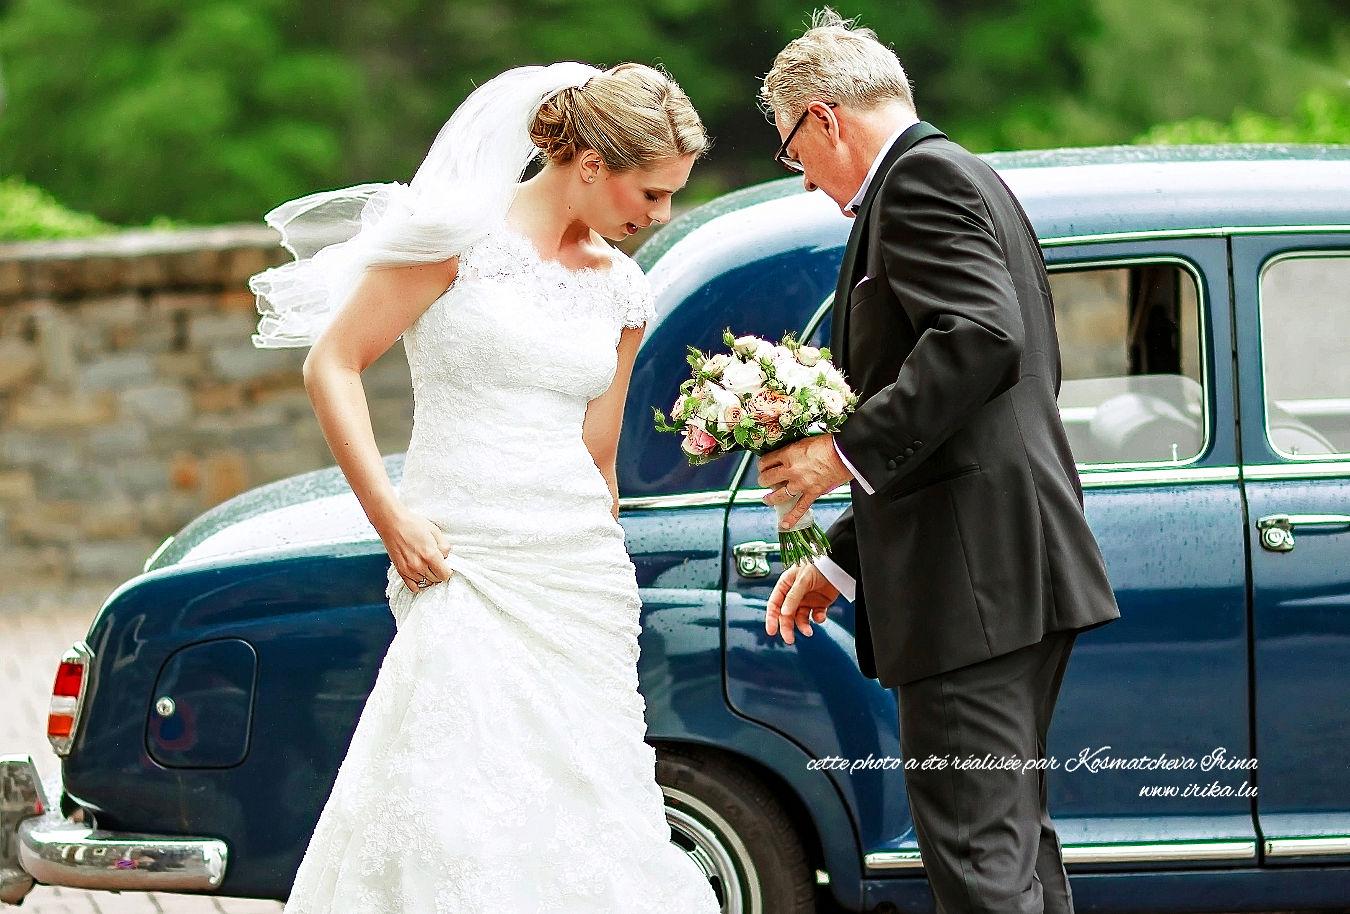 Le père aide à Claire à sortir de la voiture